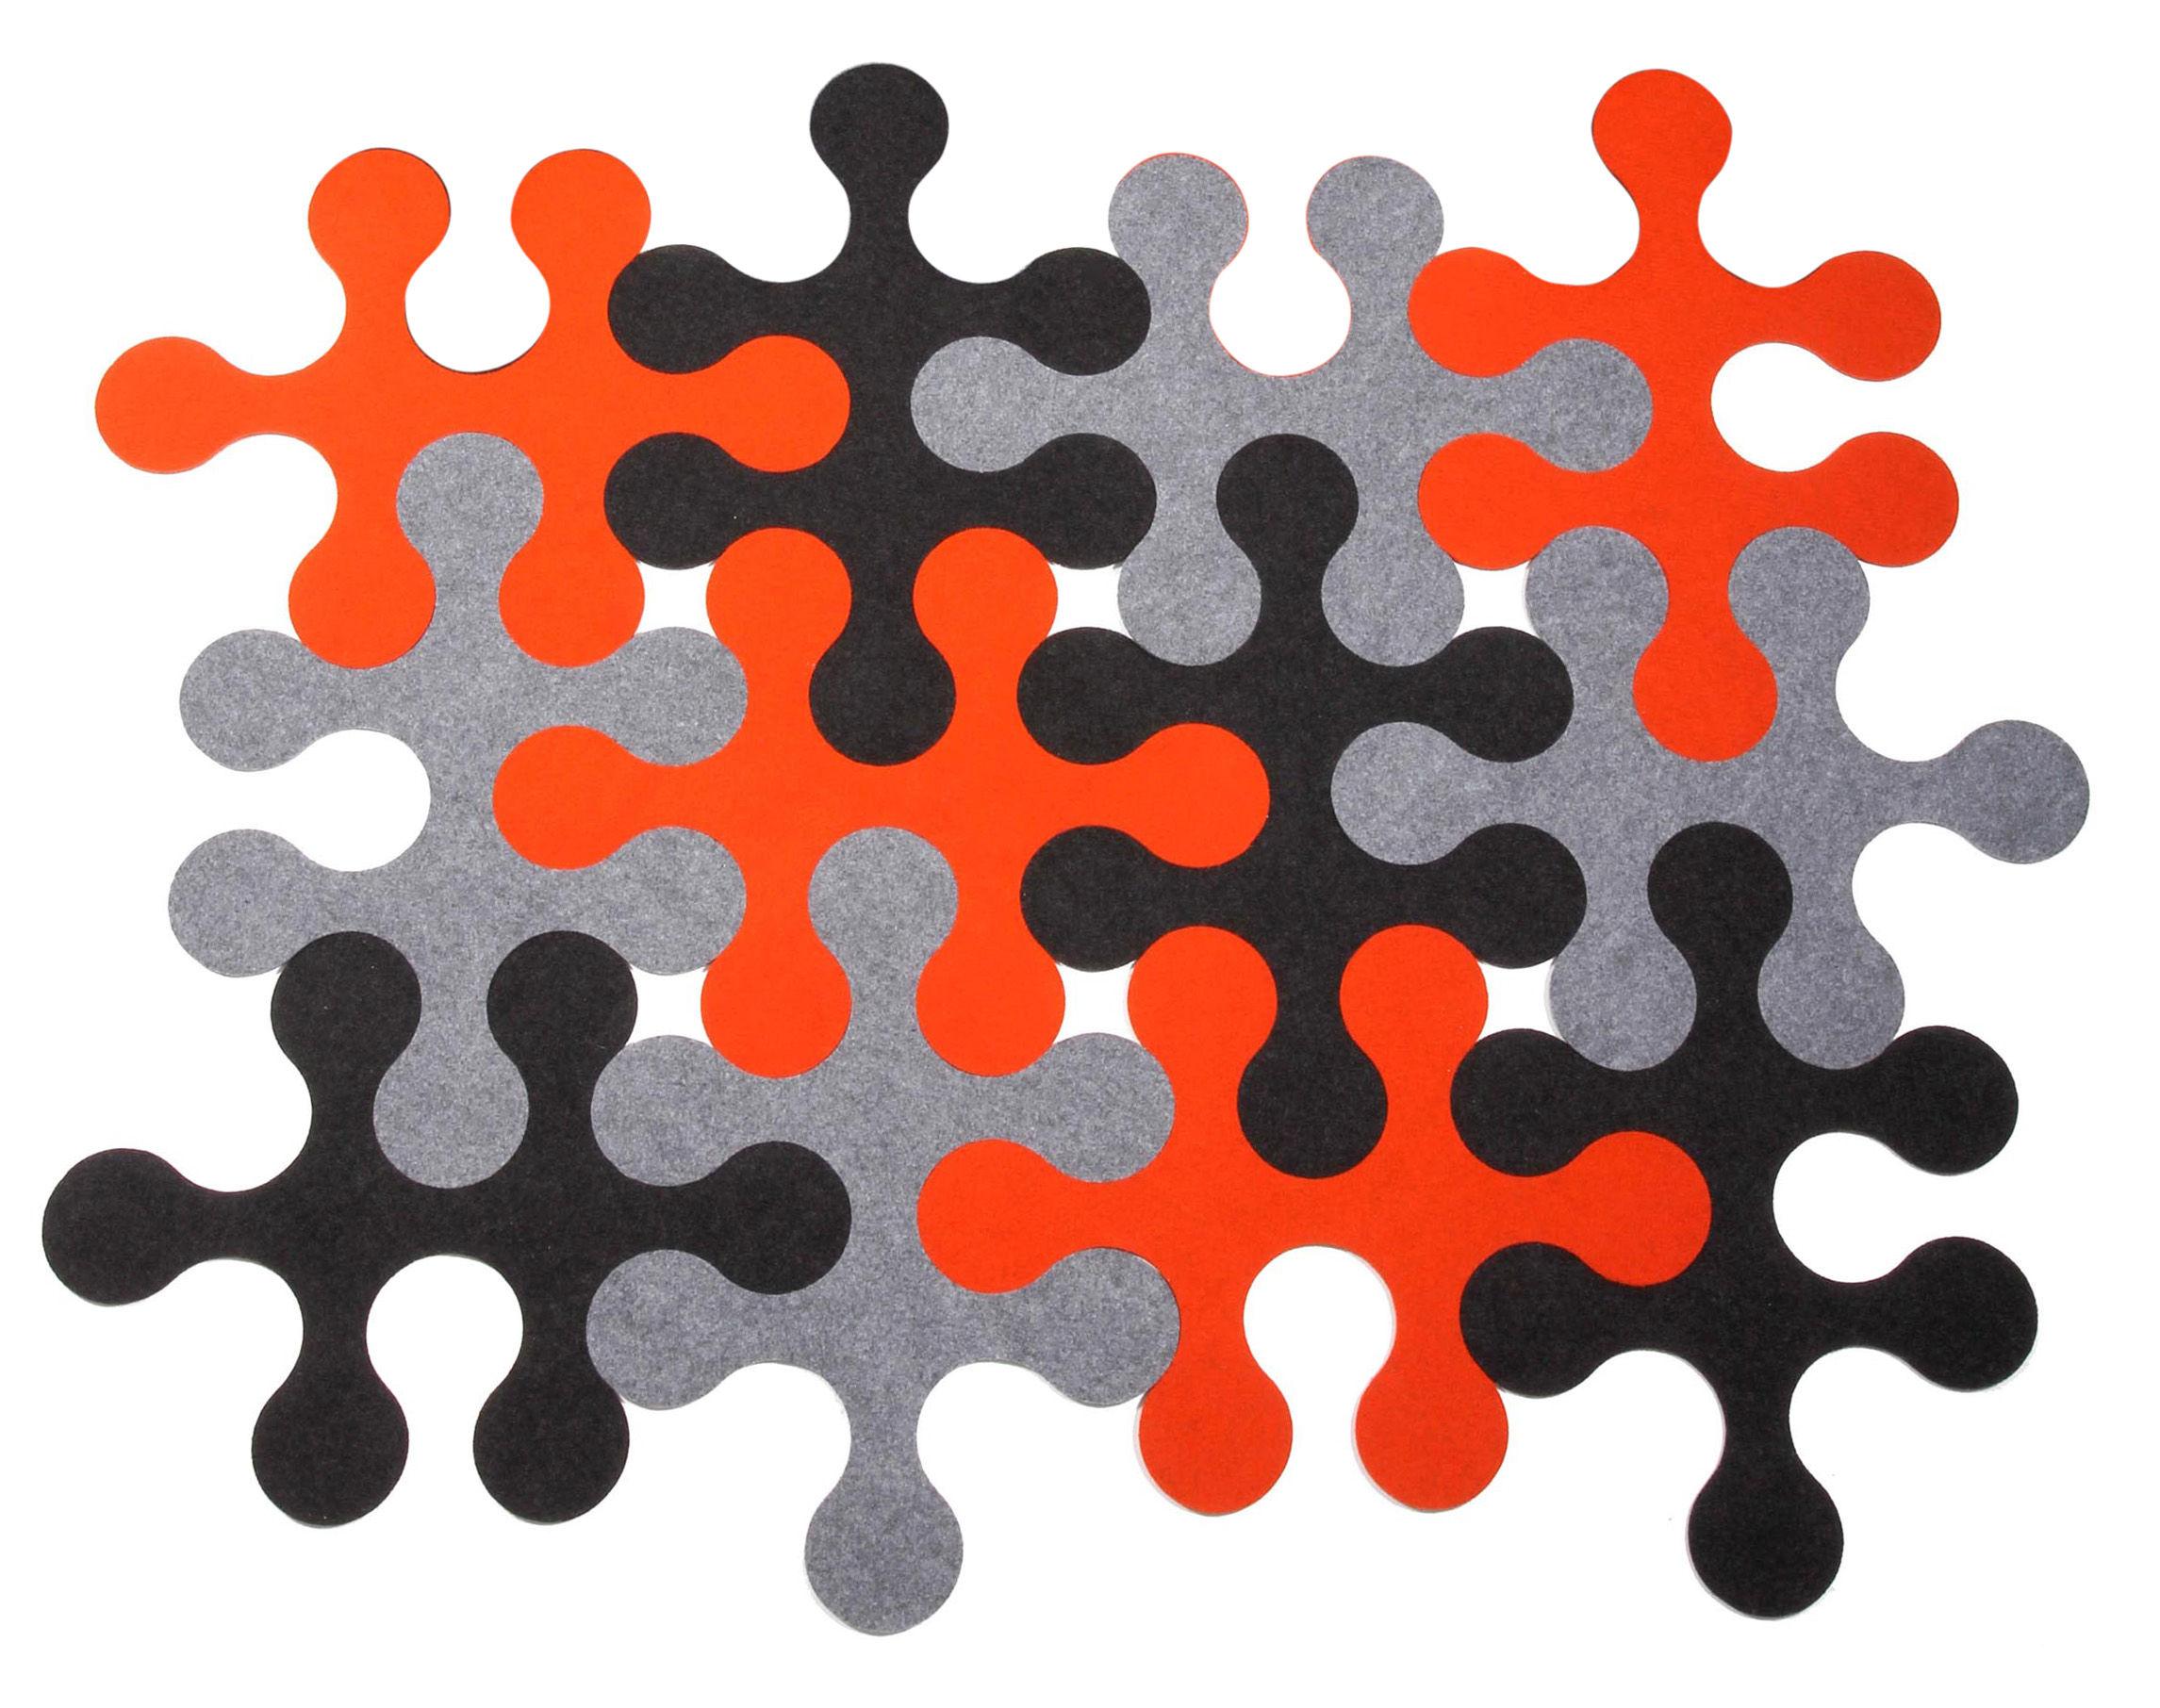 tapis mol cules 12 pi ces 3 couleurs 3 couleurs anthracite gris orange la corbeille. Black Bedroom Furniture Sets. Home Design Ideas